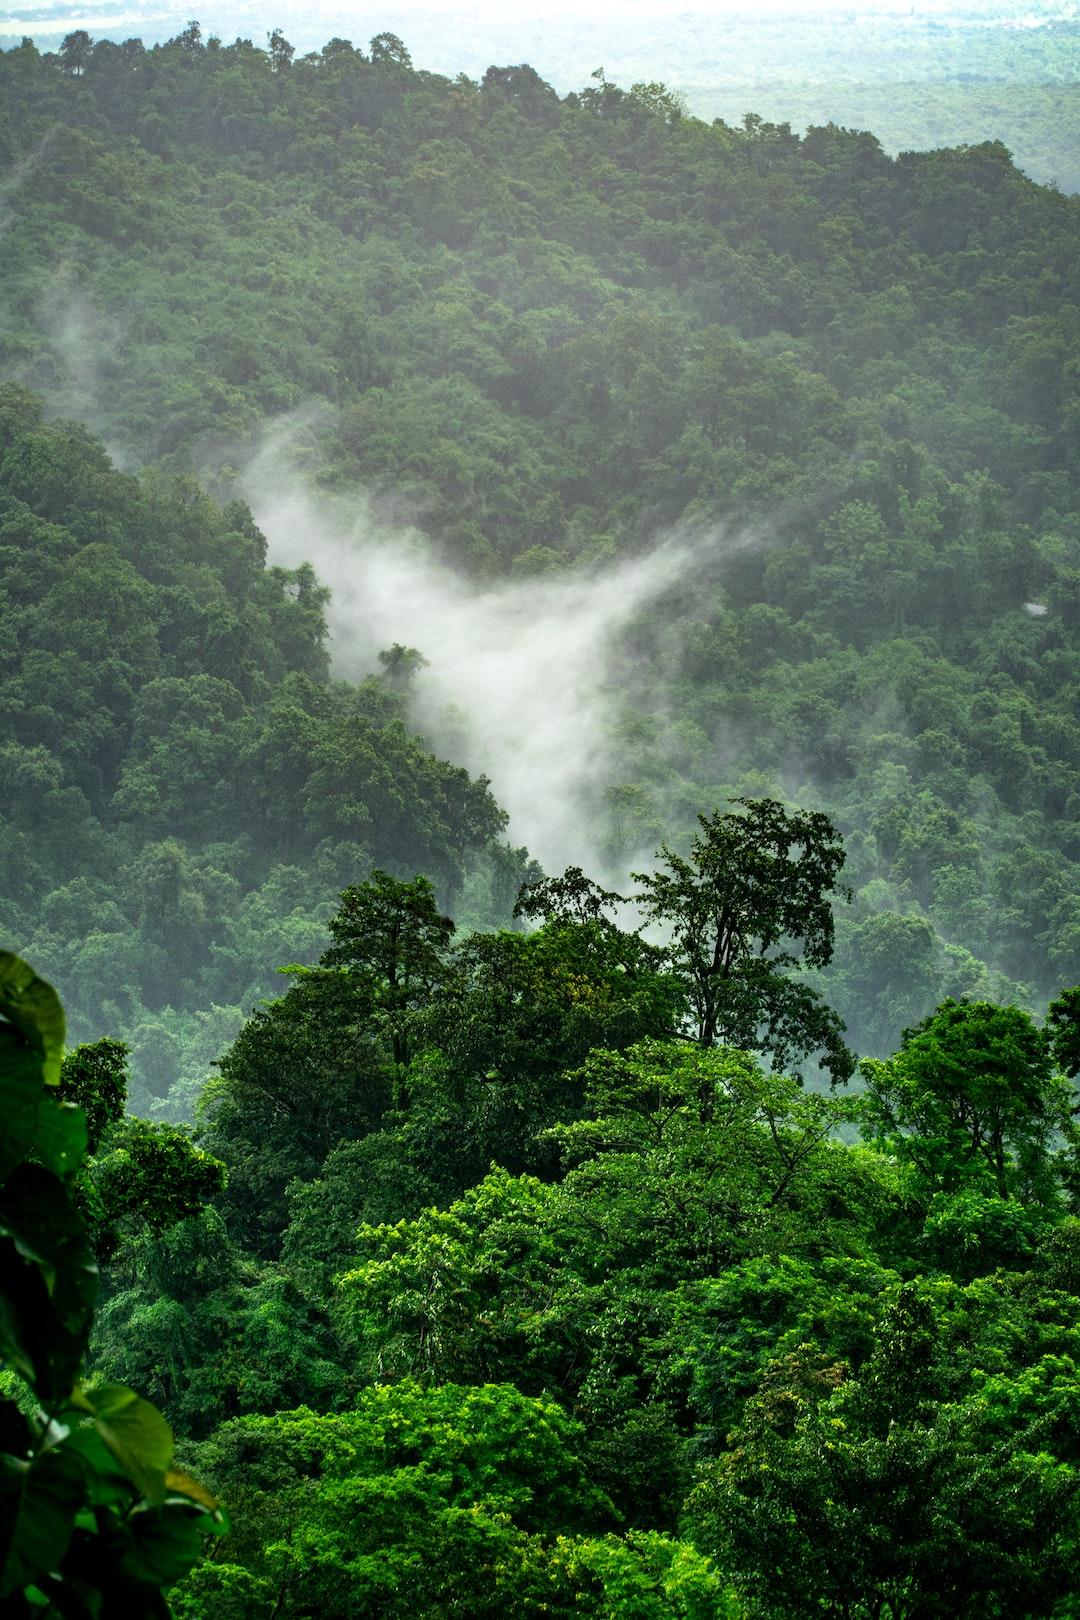 900 Jungle Background Images Download Hd Backgrounds On Unsplash